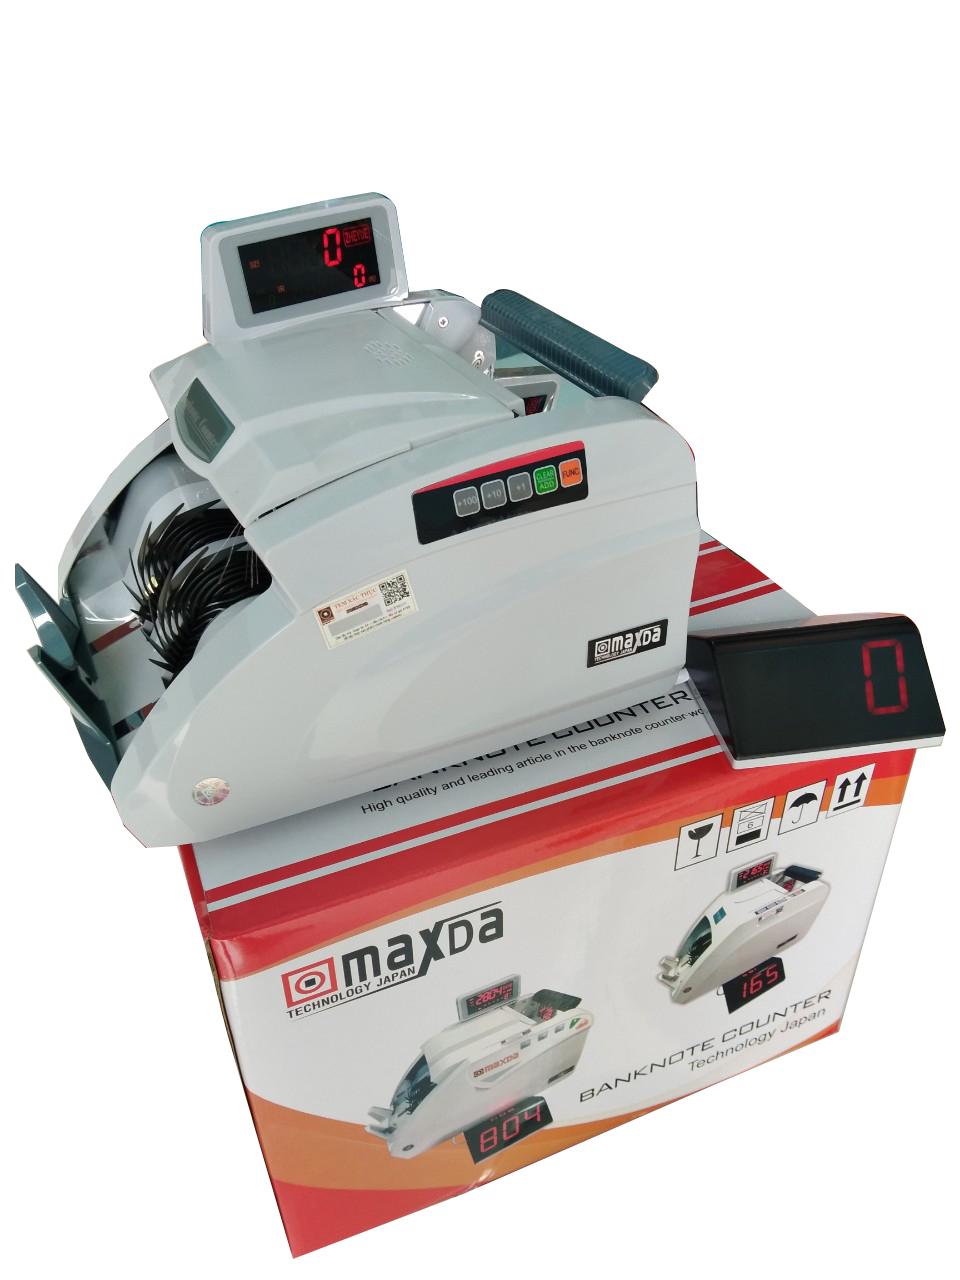 Máy đếm tiền Maxda 5688